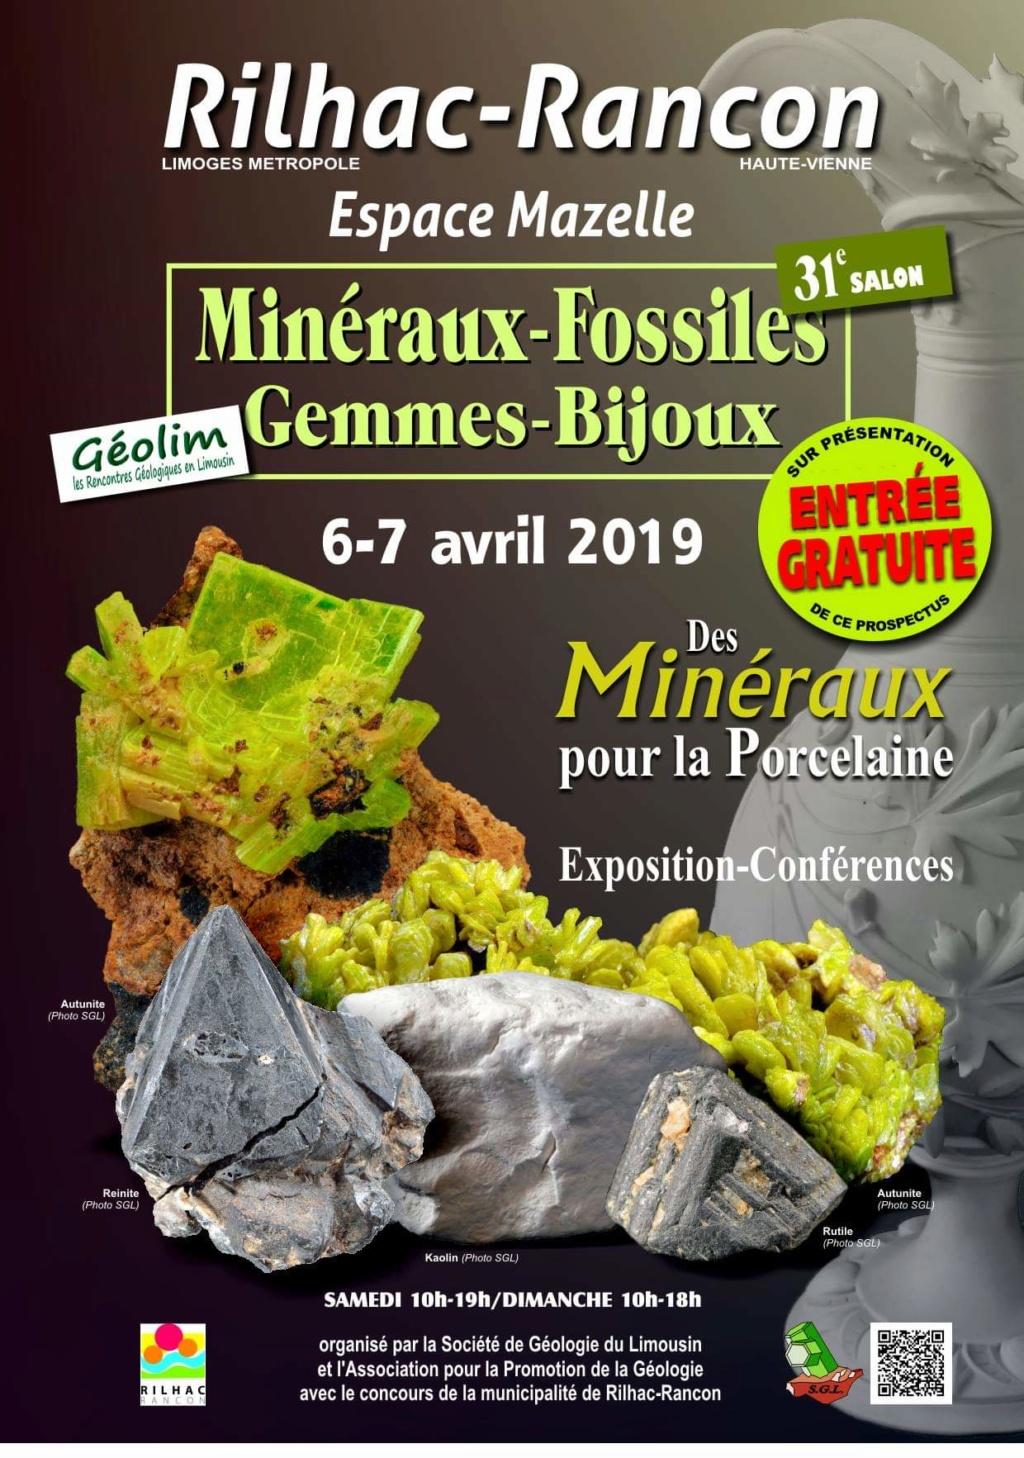 Ferias y eventos mes de Abril 2019. Fb_im241